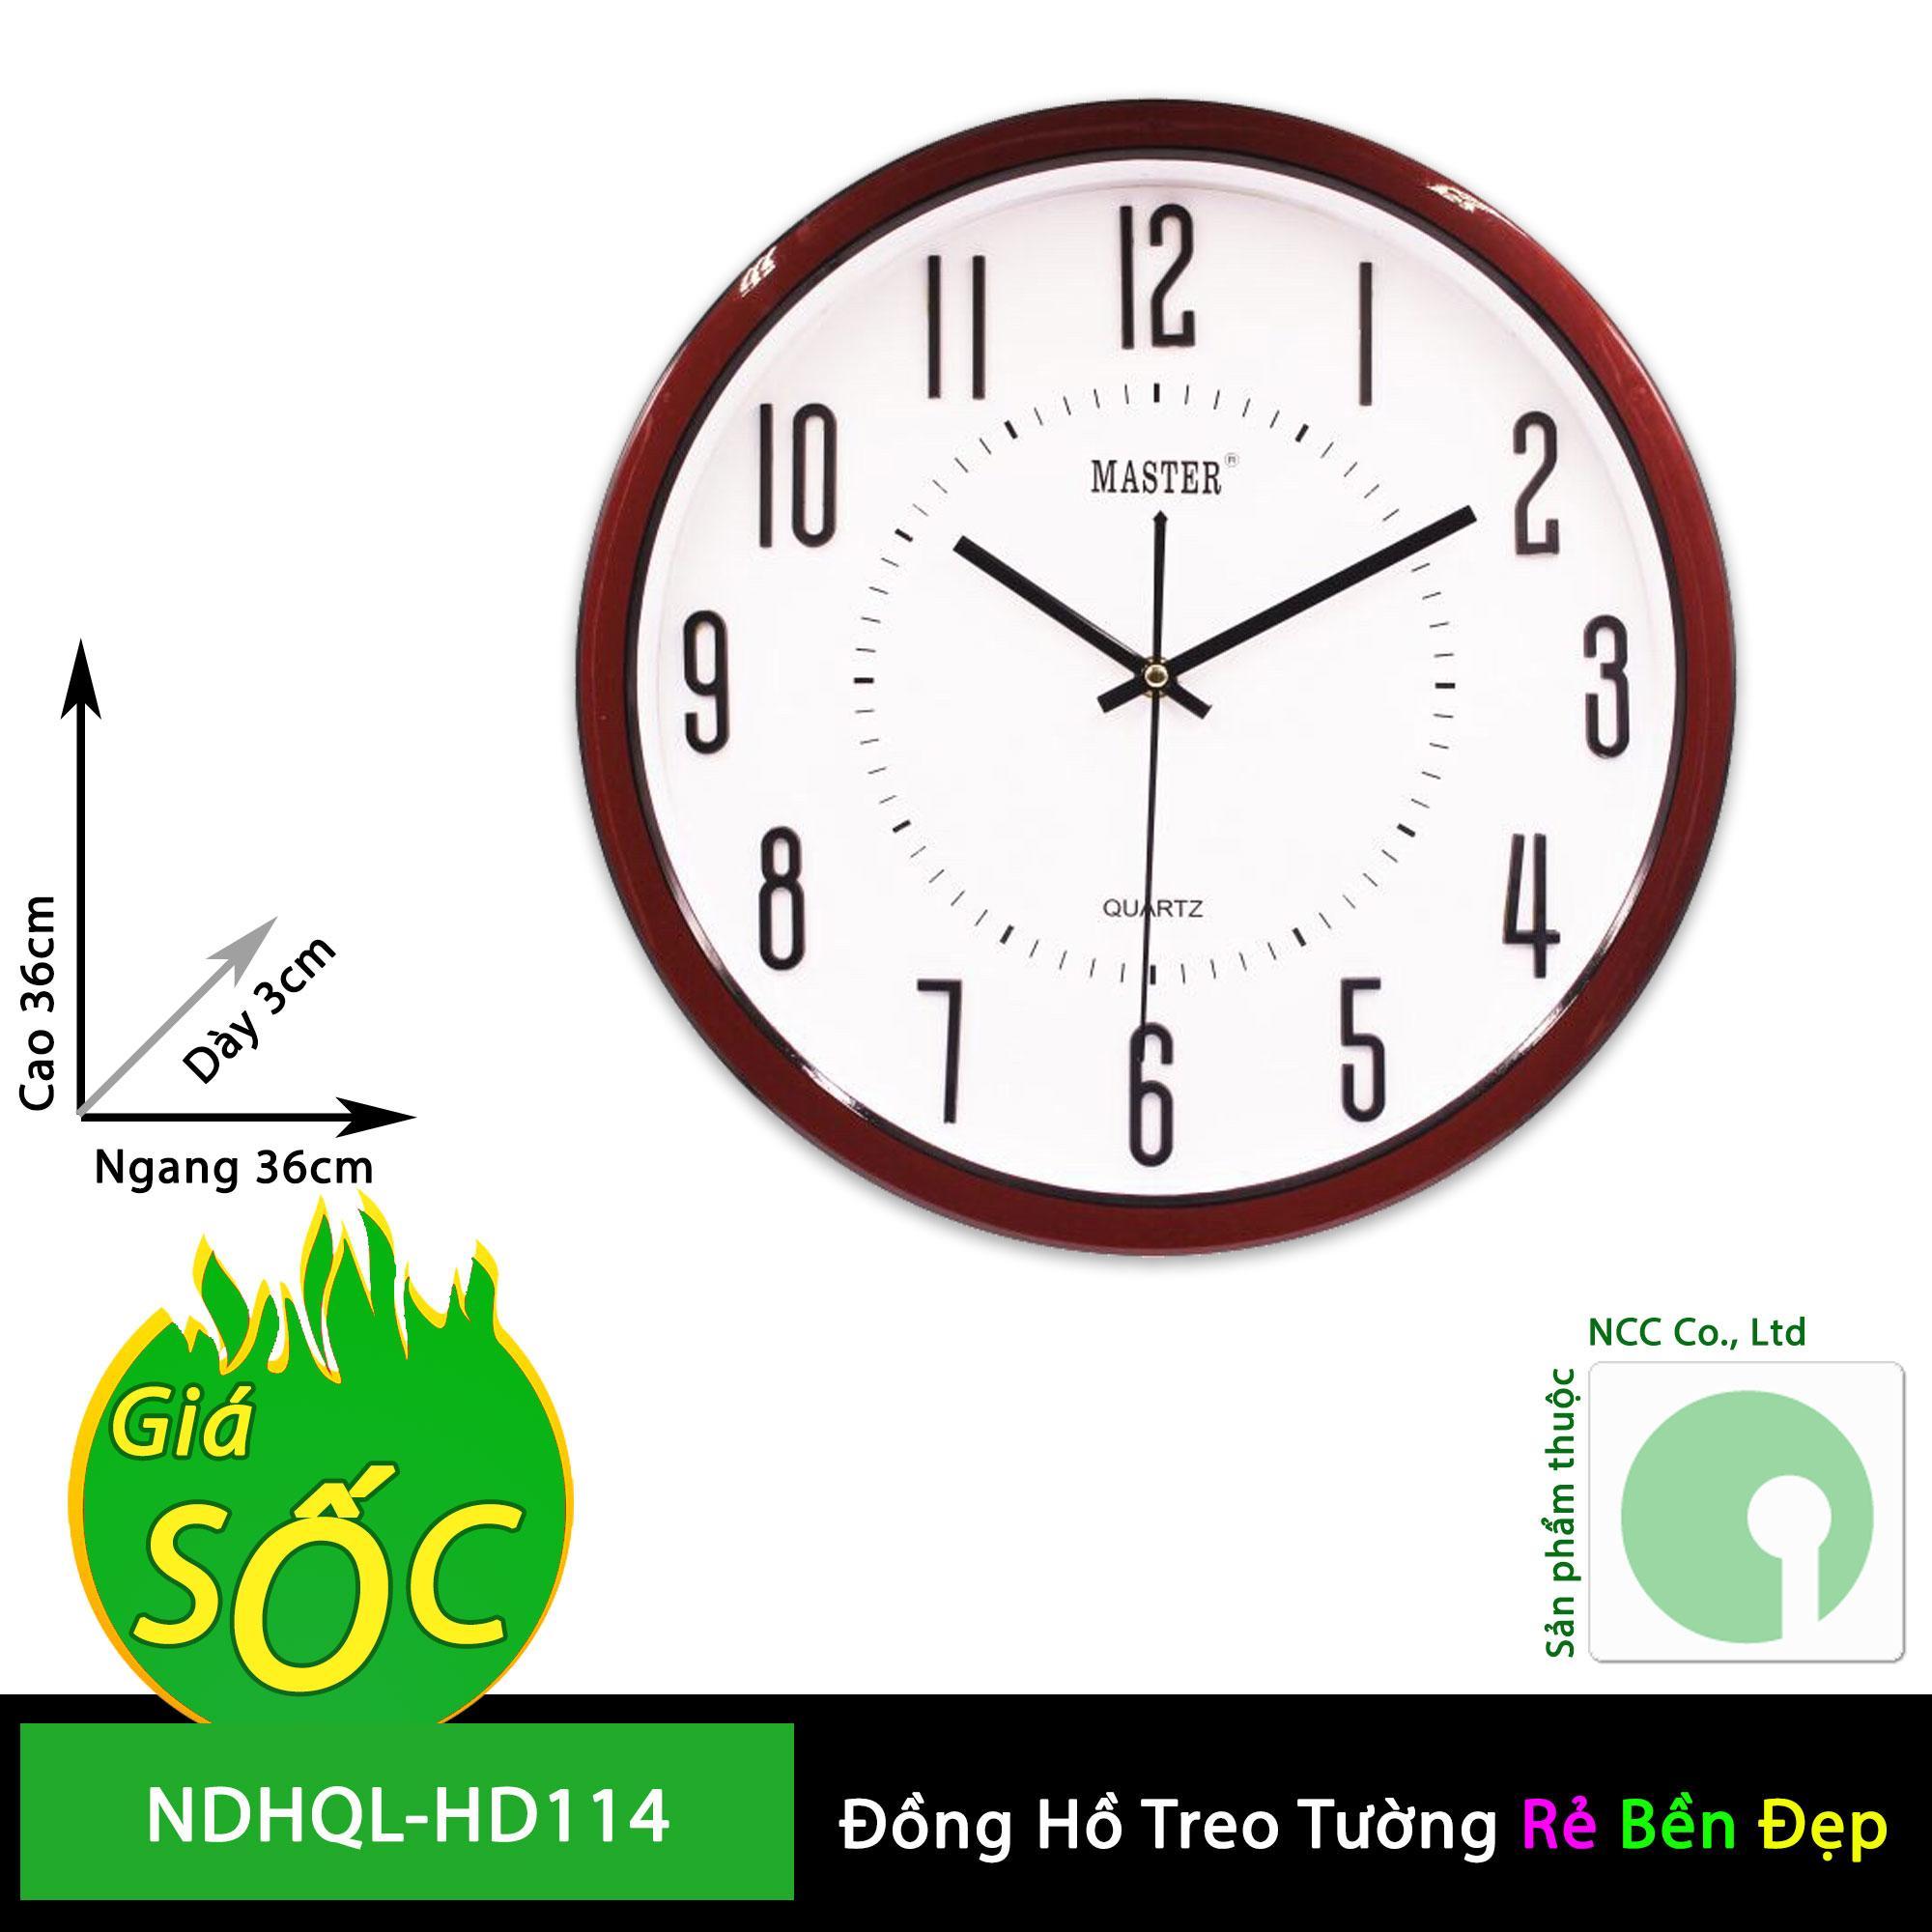 Đồng hồ treo tường - mặt tròn nền trắng - NDHQL-HD114 (Khung Nền Trắng) bán chạy